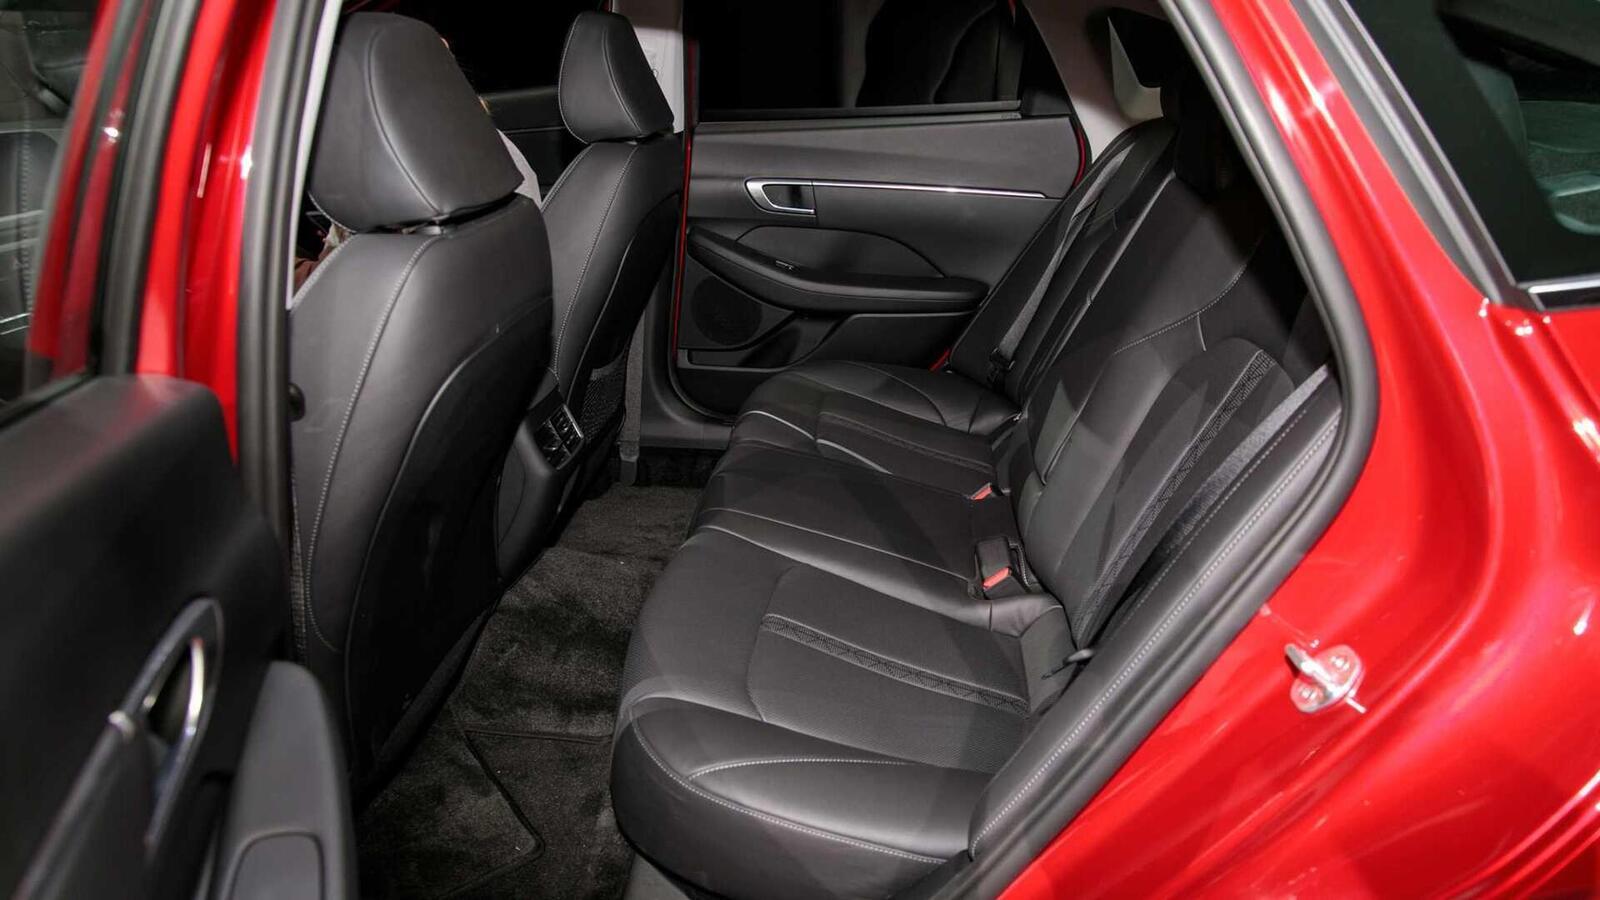 Hyundai đã ra mắt Sonata thế hệ thứ 8 tại Mỹ: Động cơ 1.6L tăng áp và 2.5L - Hình 9